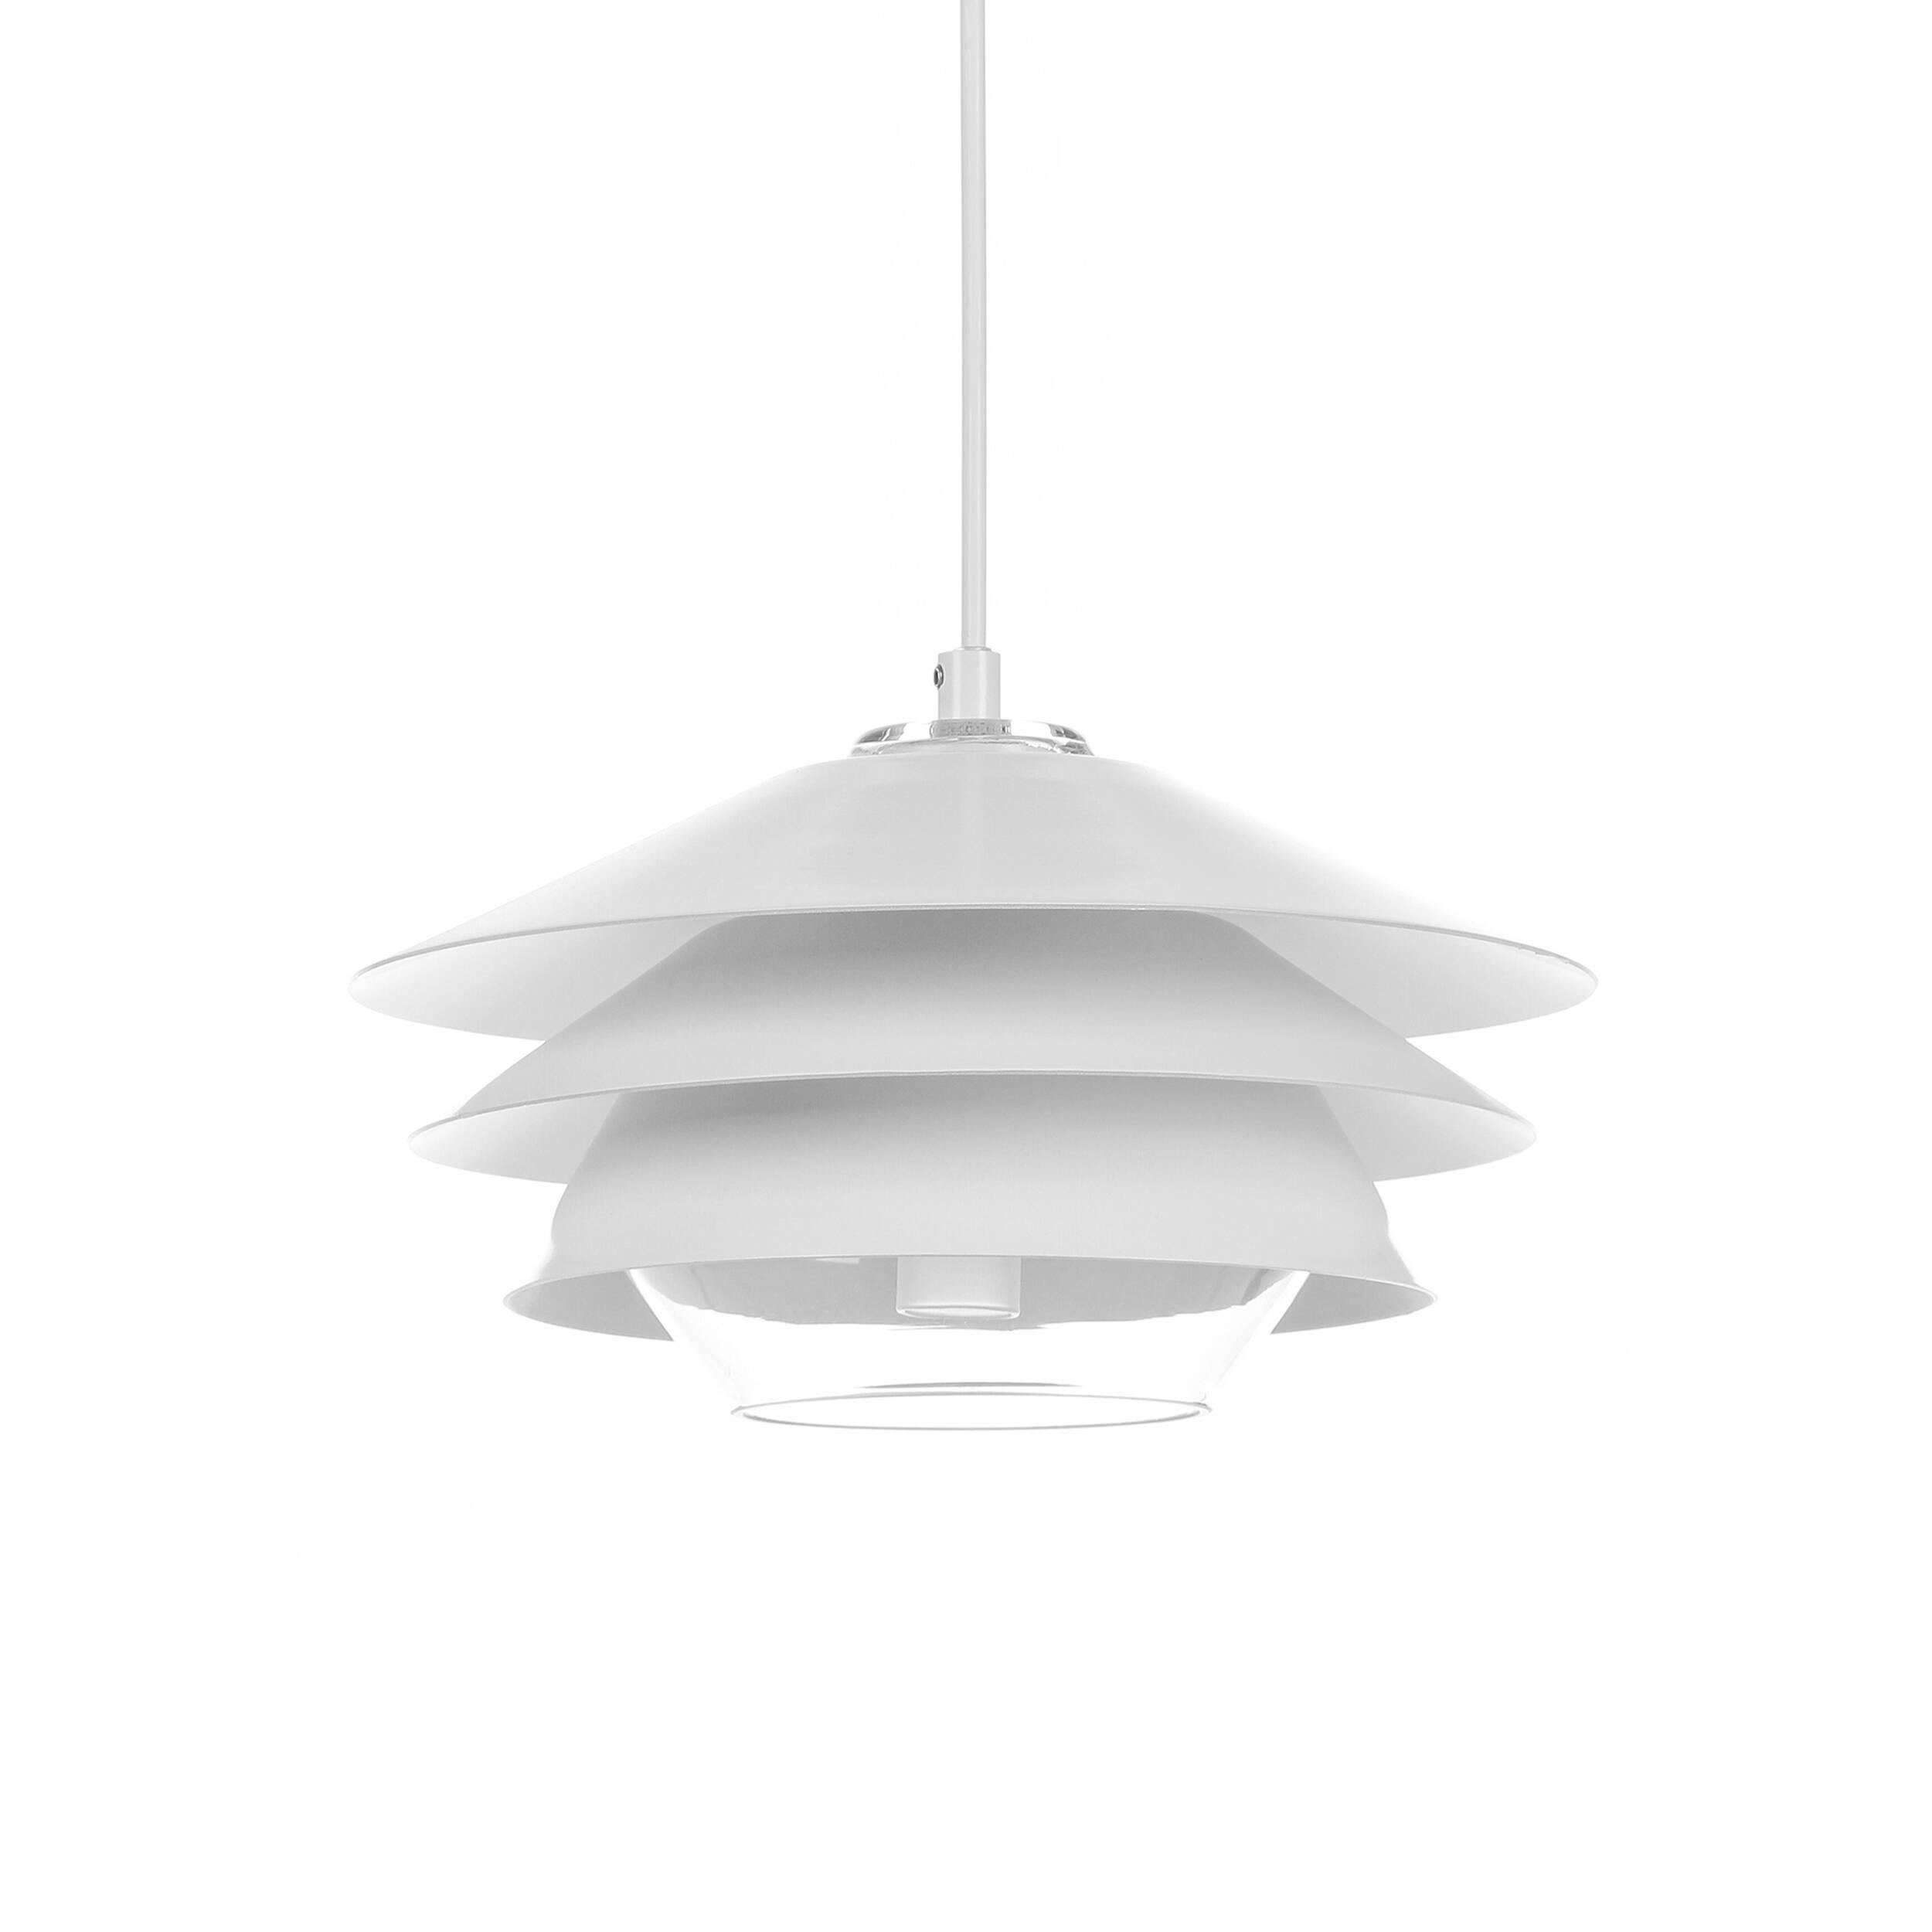 Подвесной светильник Rehm диаметр 27Подвесные<br>Дизайнерский подвесной светильник Rehm диаметр 27 – это красивейшее изделие, которое станет функциональным украшением любой квартиры. Модель обладает оригинальной формой – она похожа на распускающийся цветок с множеством слоев-лепестков.<br><br><br> Для изготовления светильника дизайнеры выбрали достаточно лаконичный набор материалов, только стекло и прочный алюминий. Такая комбинация особенно популярна в современных минималистичных стилях, в которых функциональность и практичность гармонично ...<br><br>stock: 10<br>Высота: 16<br>Диаметр: 27<br>Материал абажура: Стекло<br>Материал арматуры: Алюминий<br>Мощность лампы: 3,5<br>Тип лампы/цоколь: G9 LED<br>Цвет абажура: Зеленый<br>Цвет арматуры: Белый